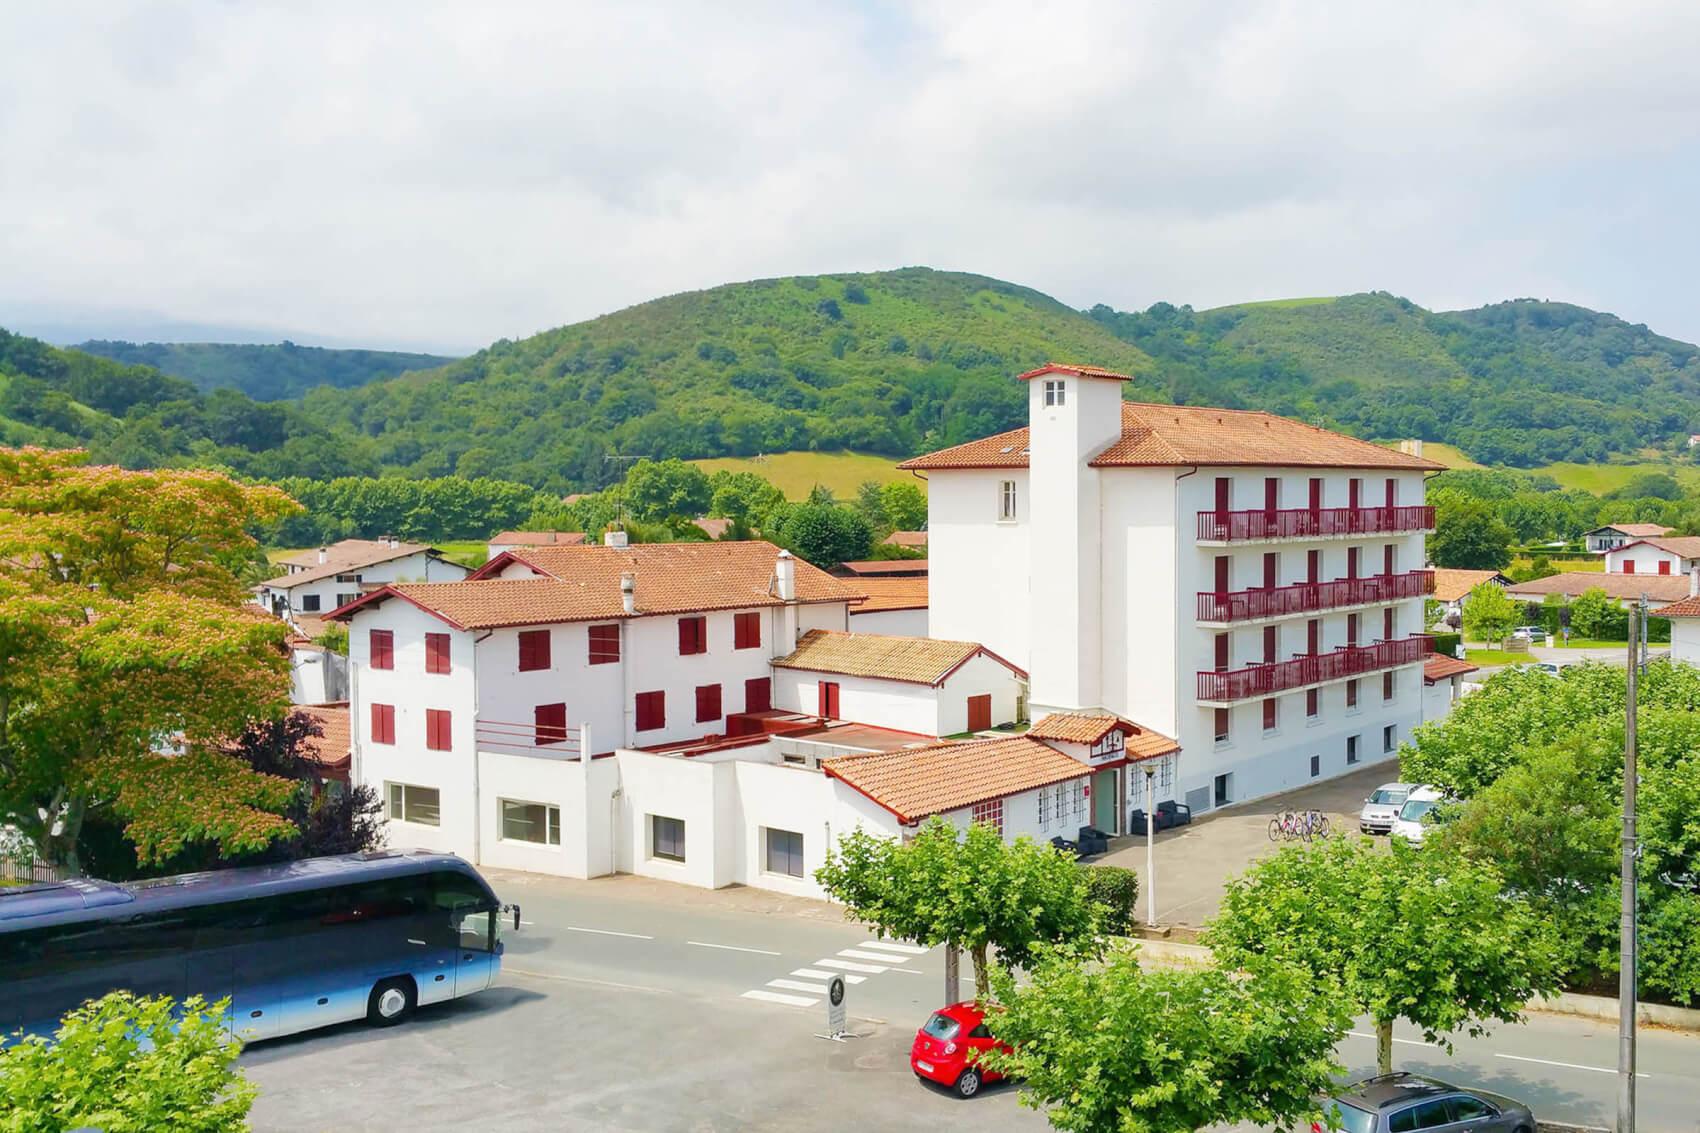 VOTRE HEBERGEMENT : Hôtel Bonnet 3*, Saint Pée sur Nivelle